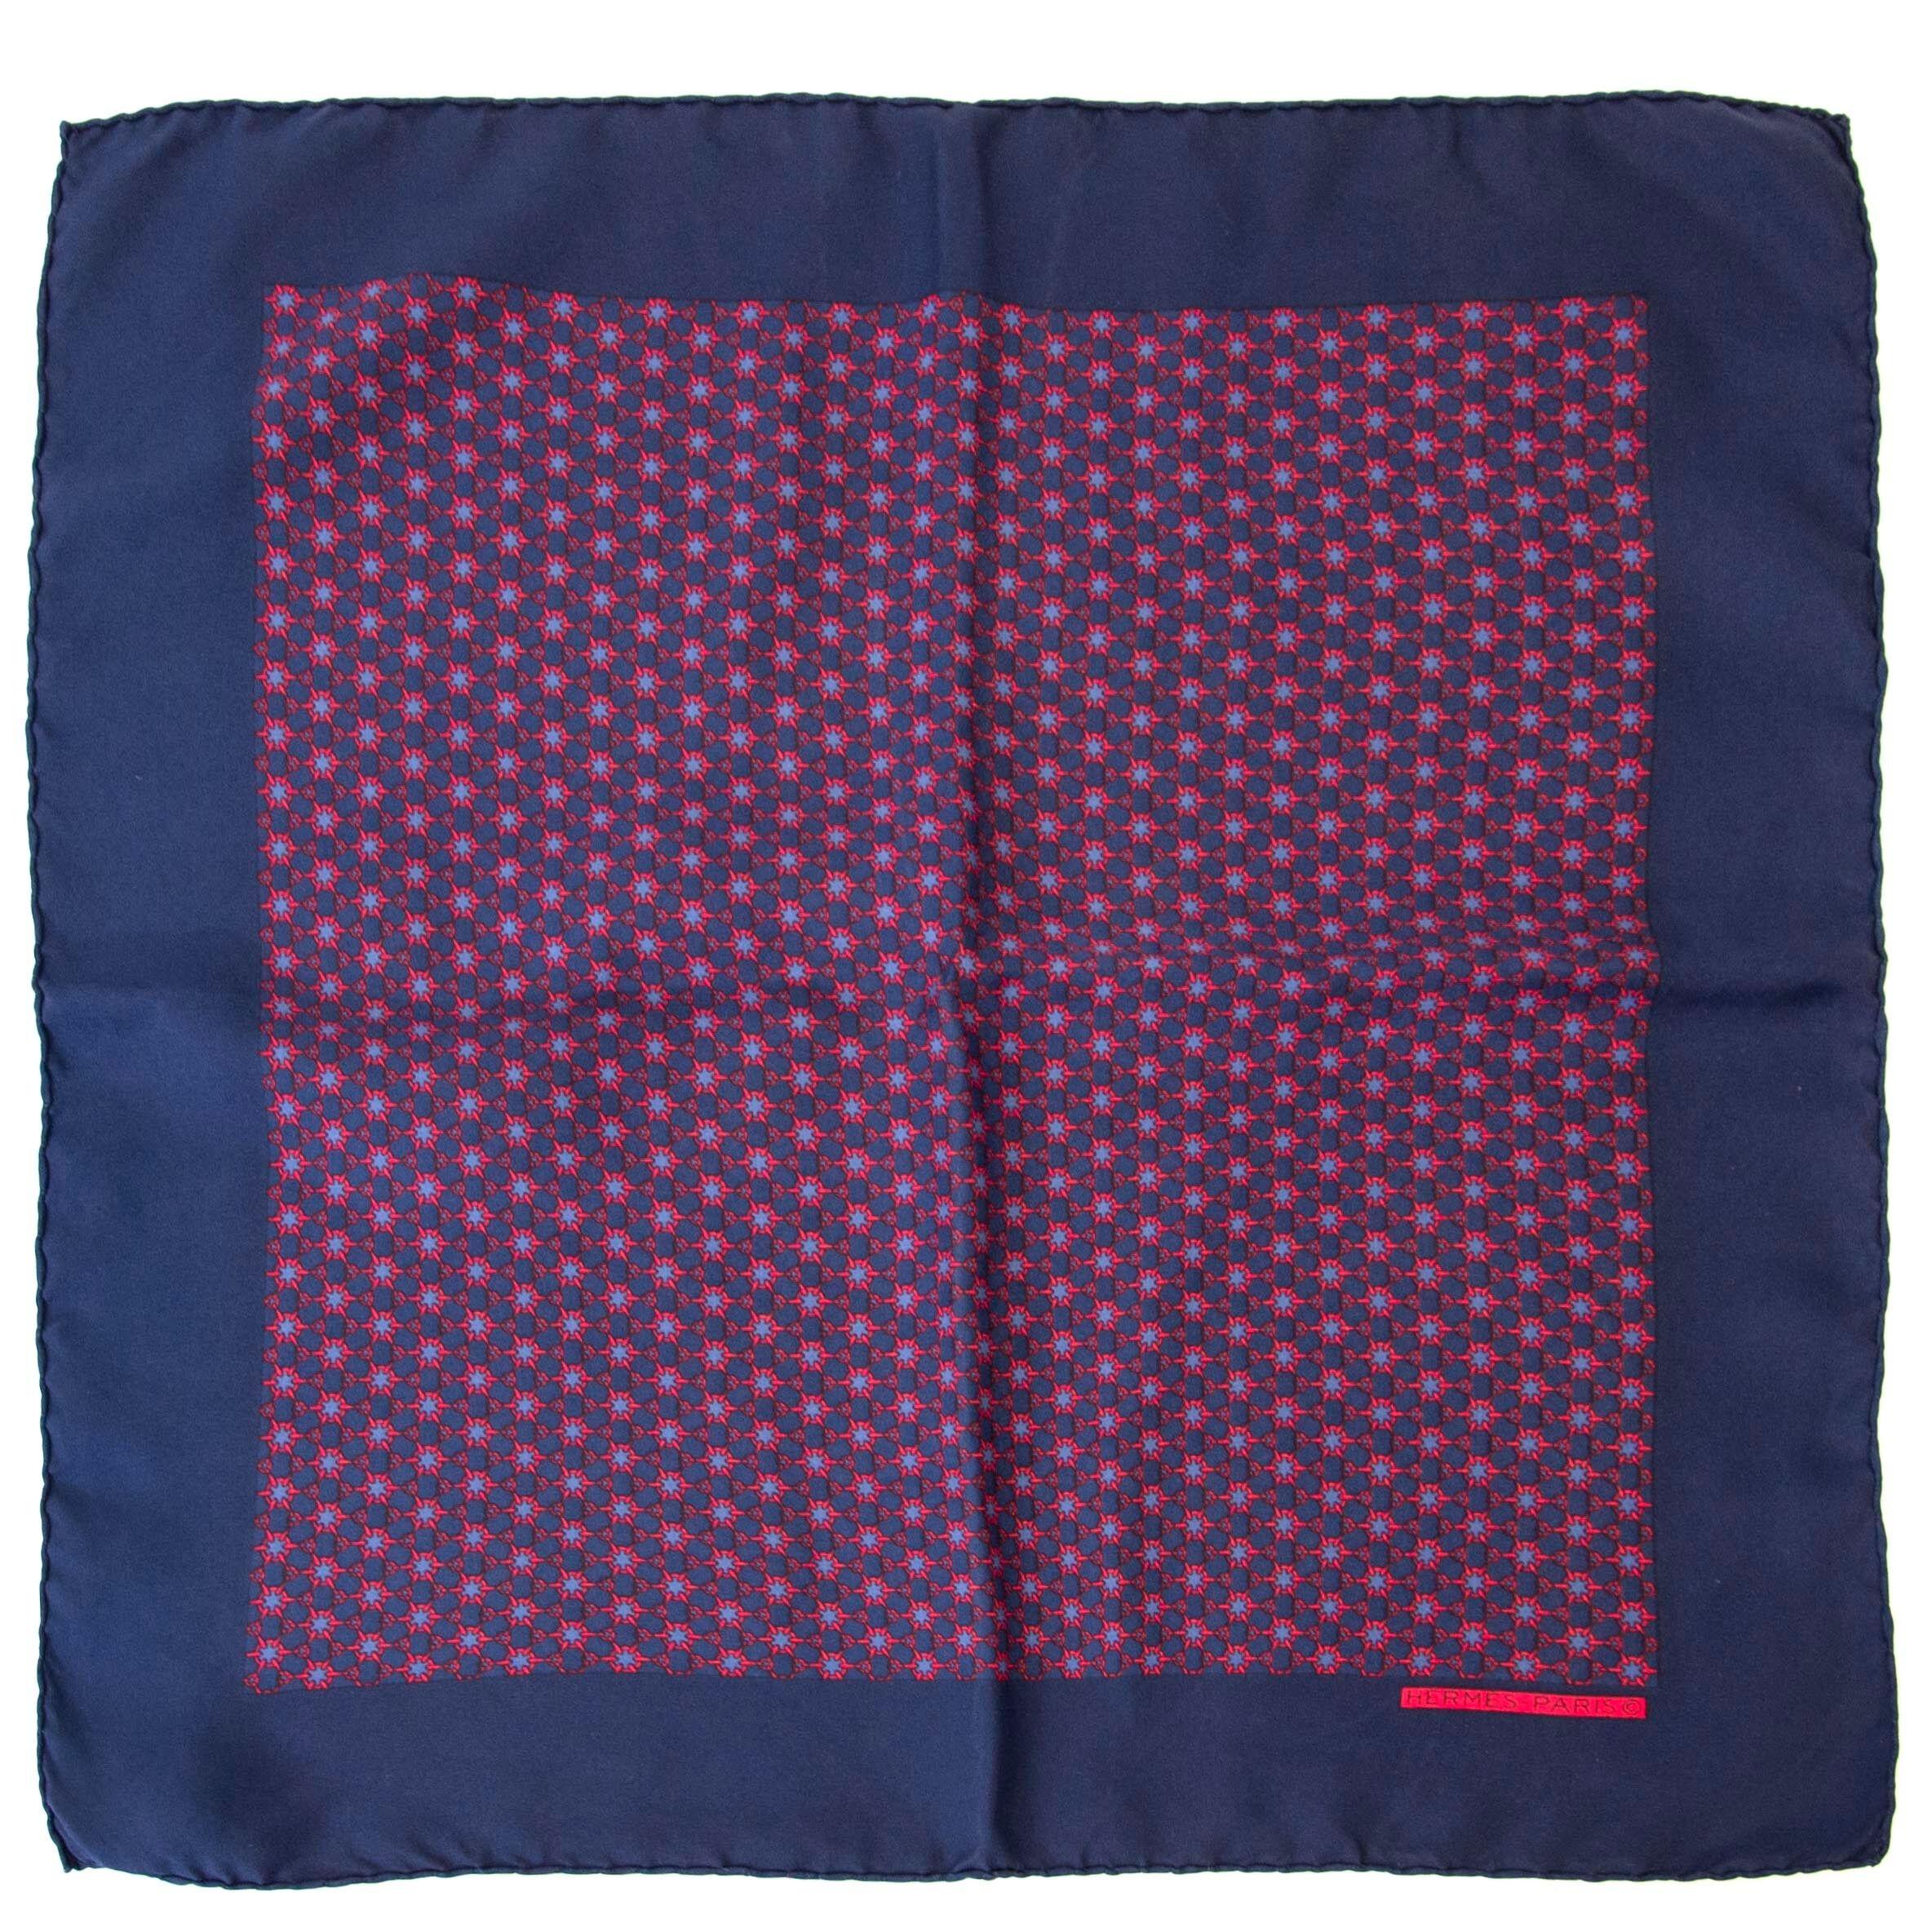 Koop authentieke Hermès sjaals online bij Labellov vintage fashion webshop aan de laagste prijs.